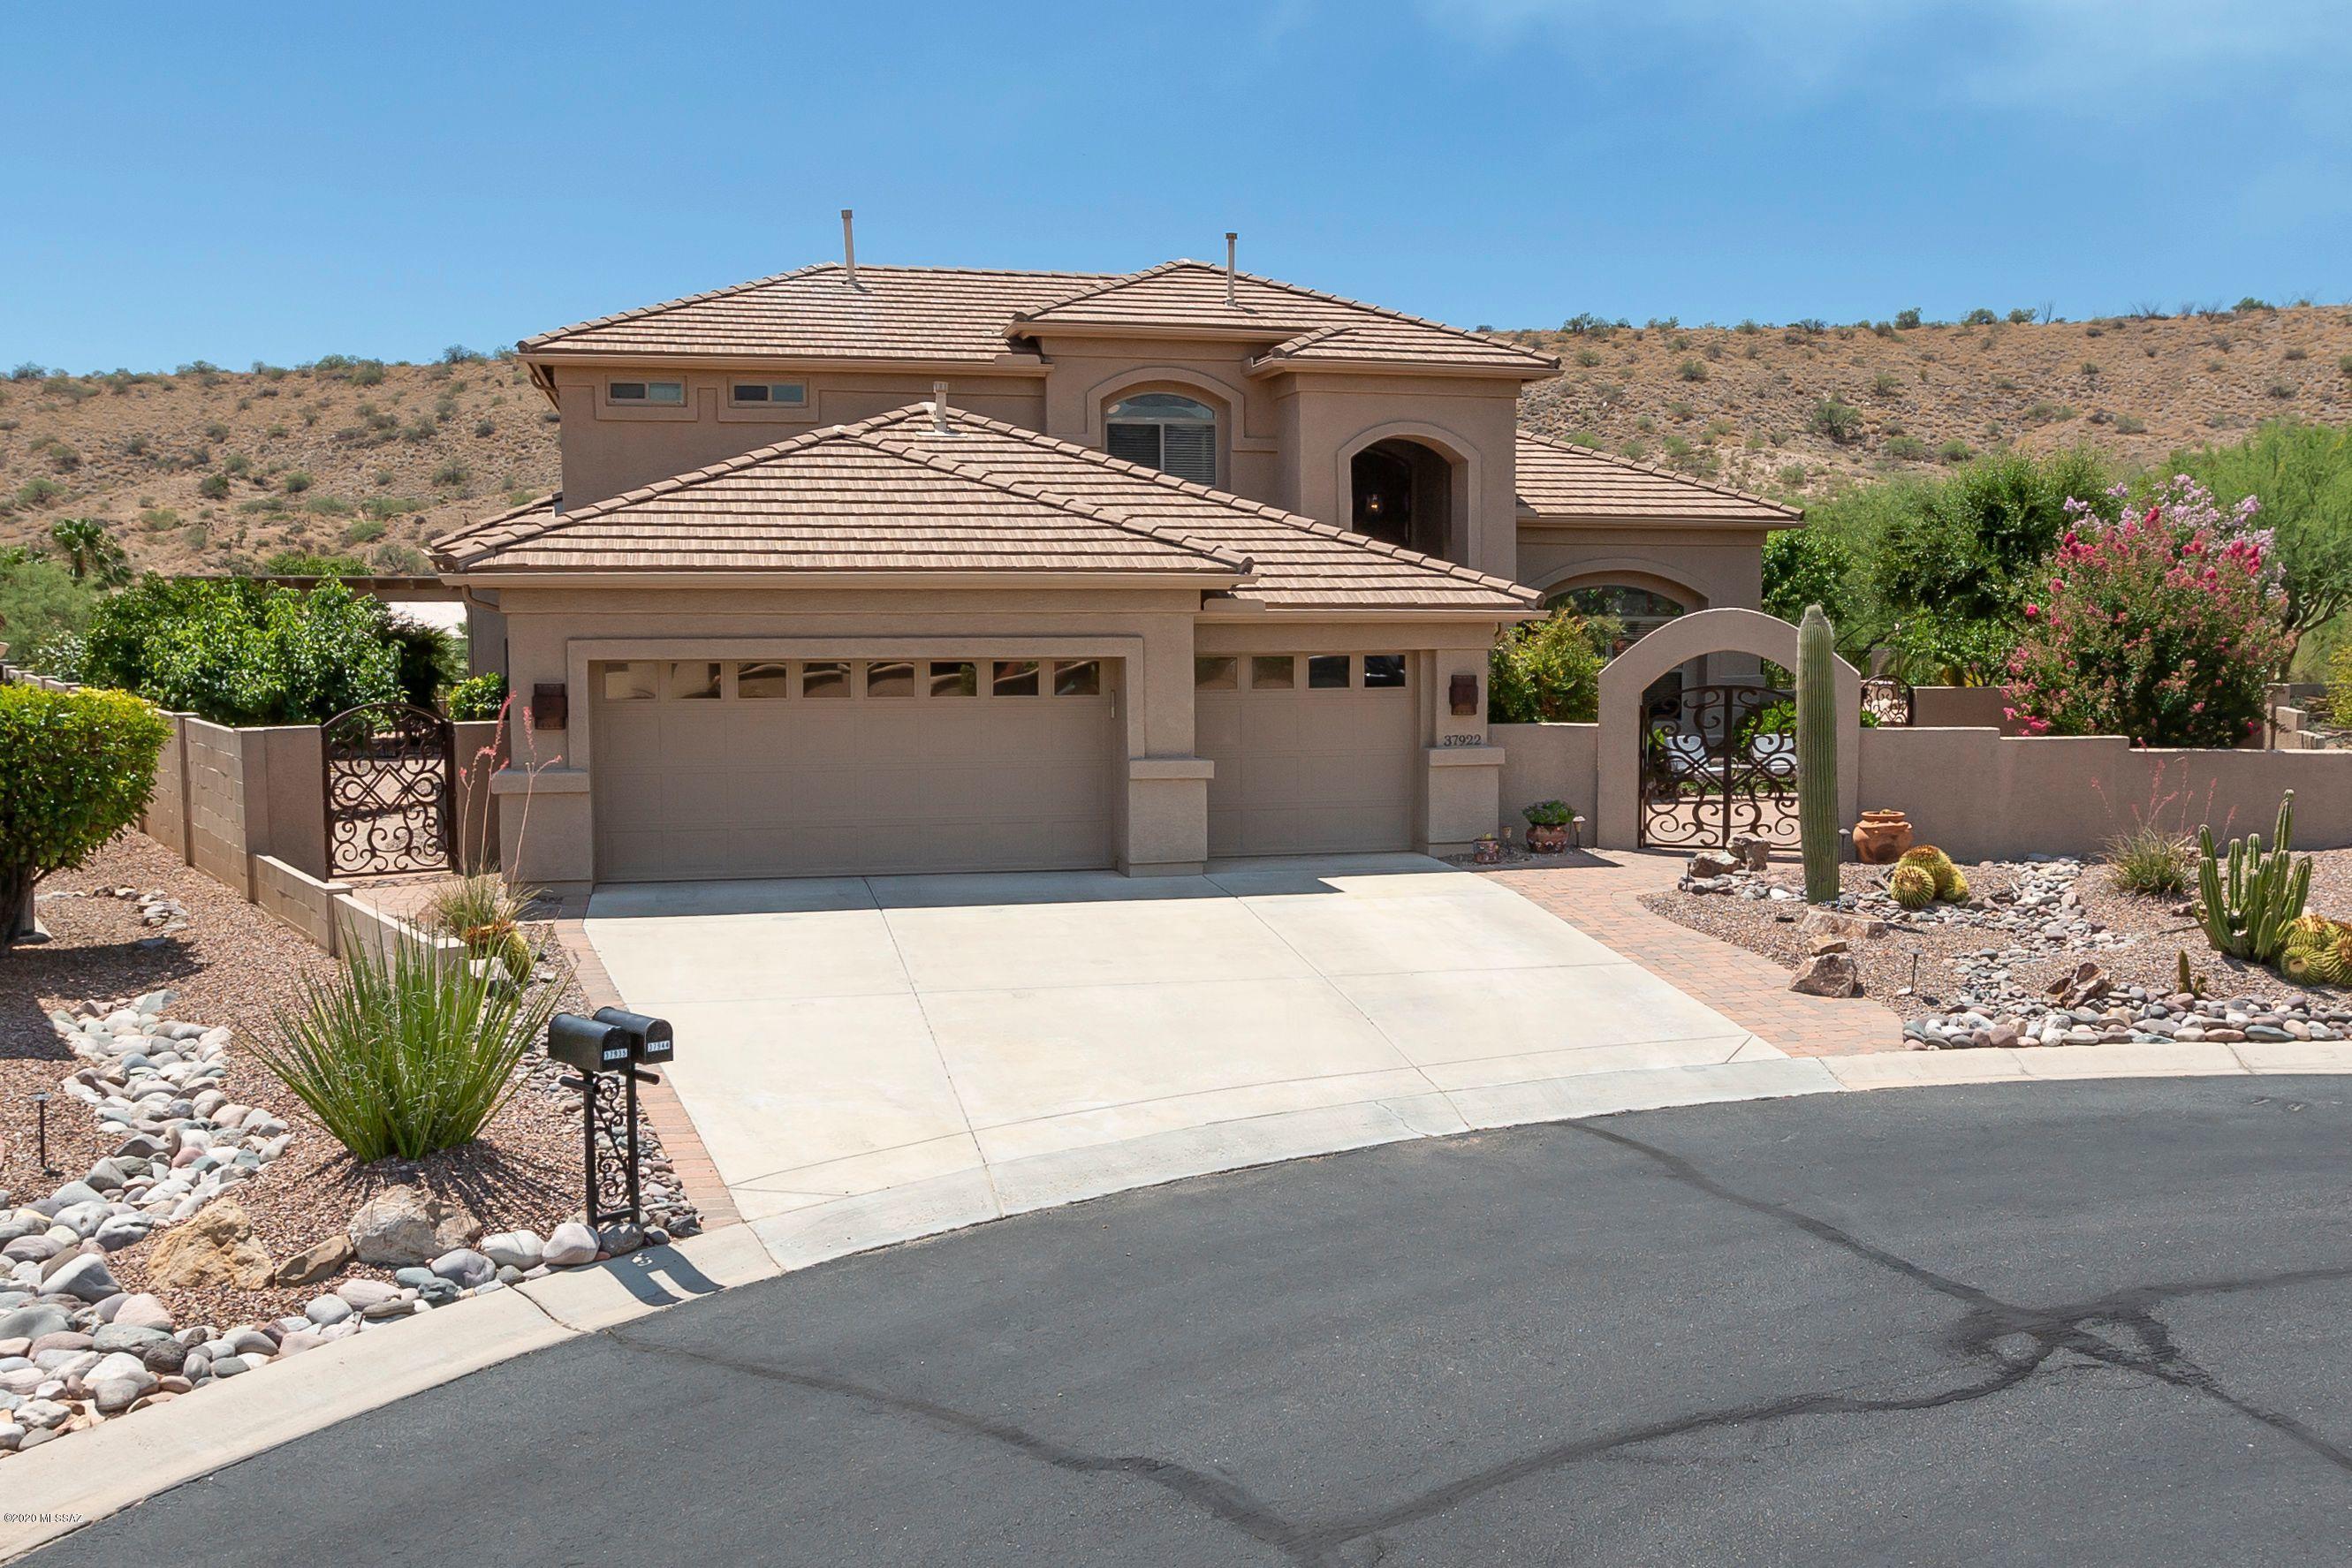 Photo of 37922 S Flower Mesa Drive, Saddlebrooke, AZ 85739